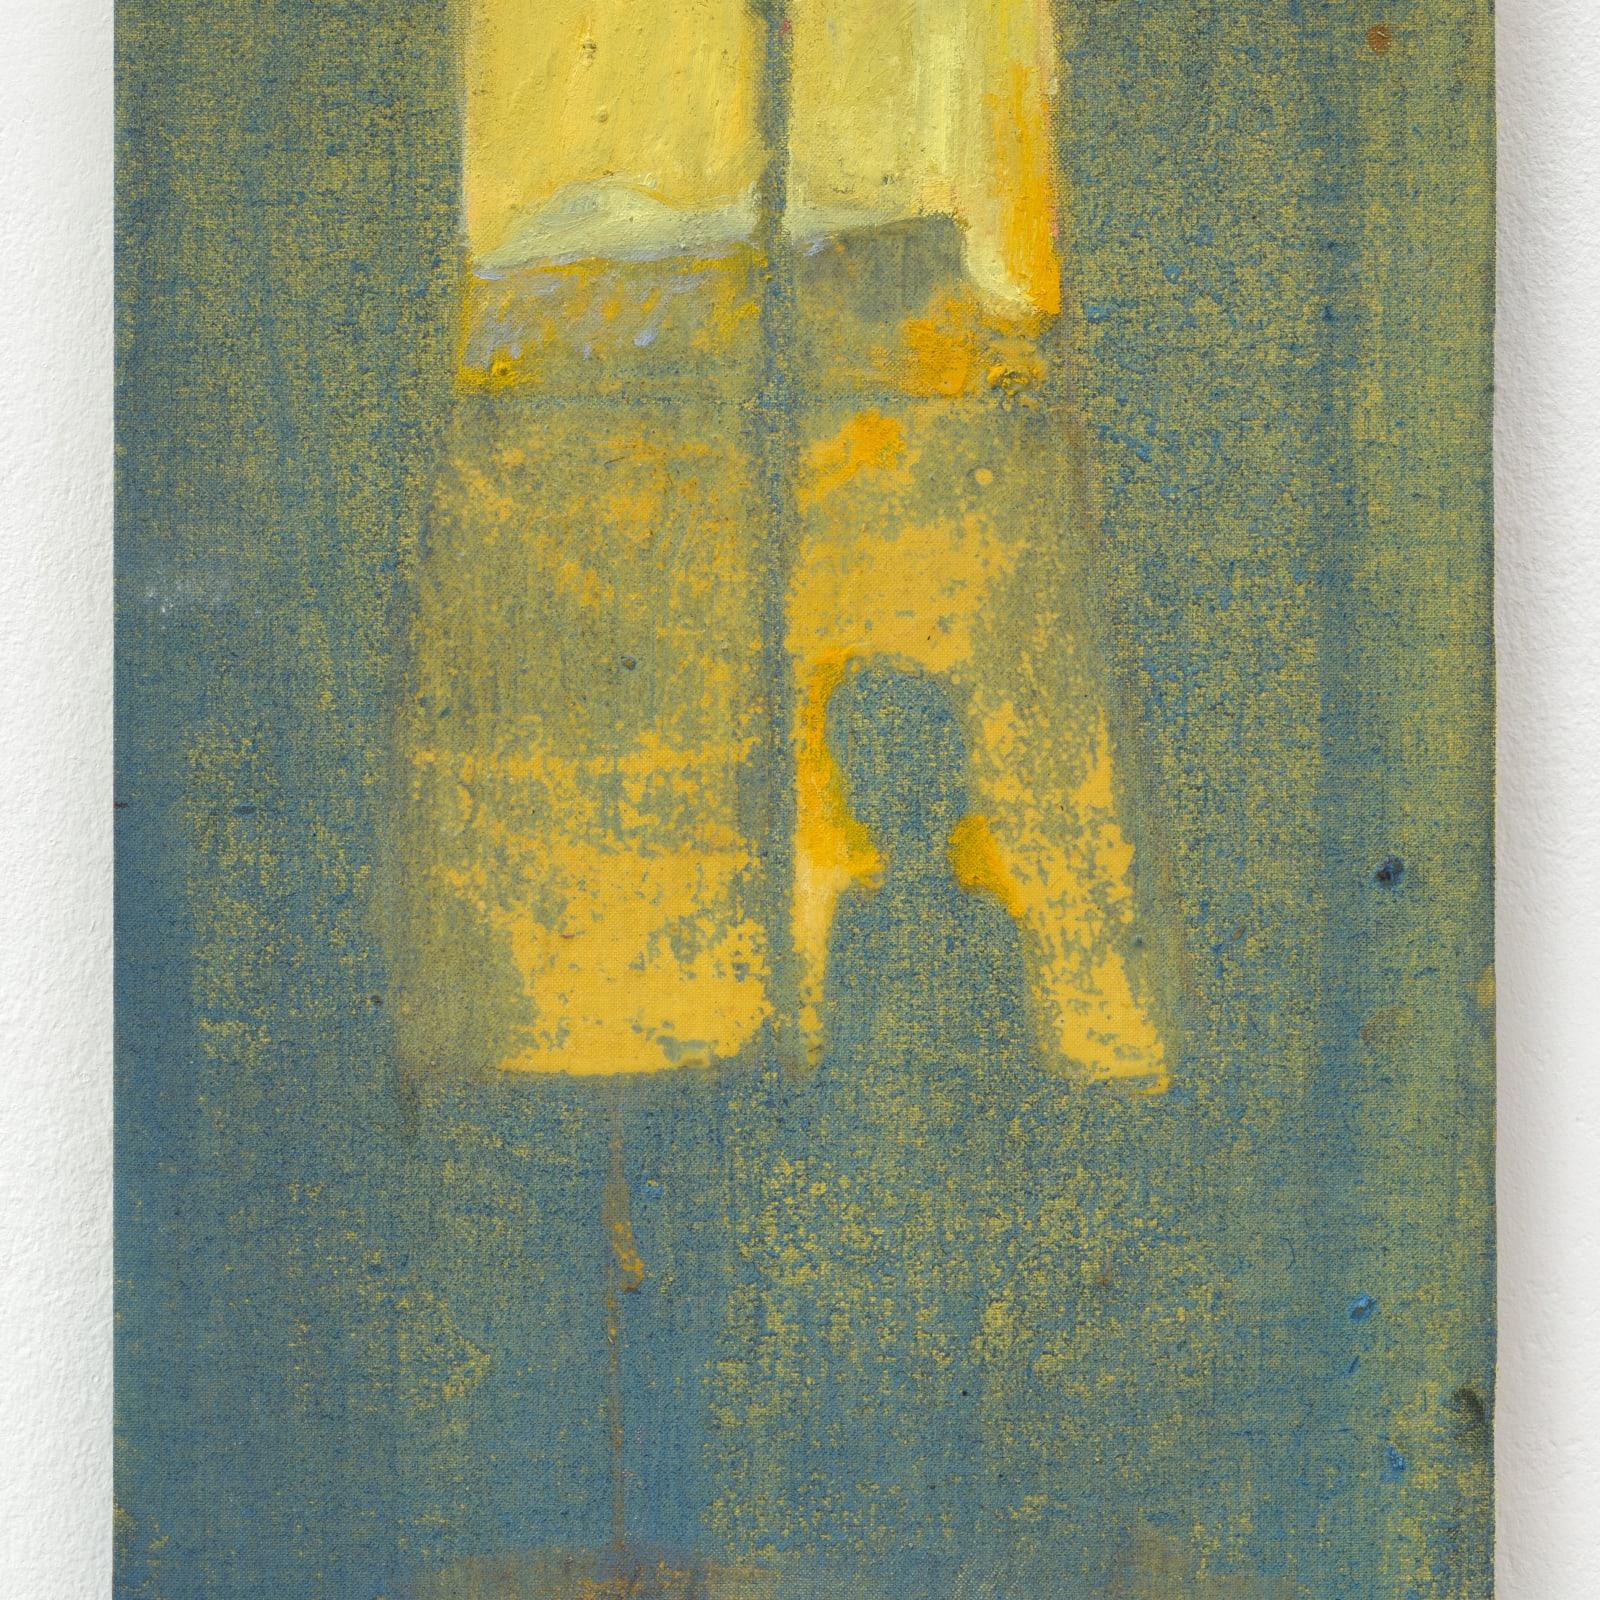 Andrew Cranston, Edinburgh 1962, 2016